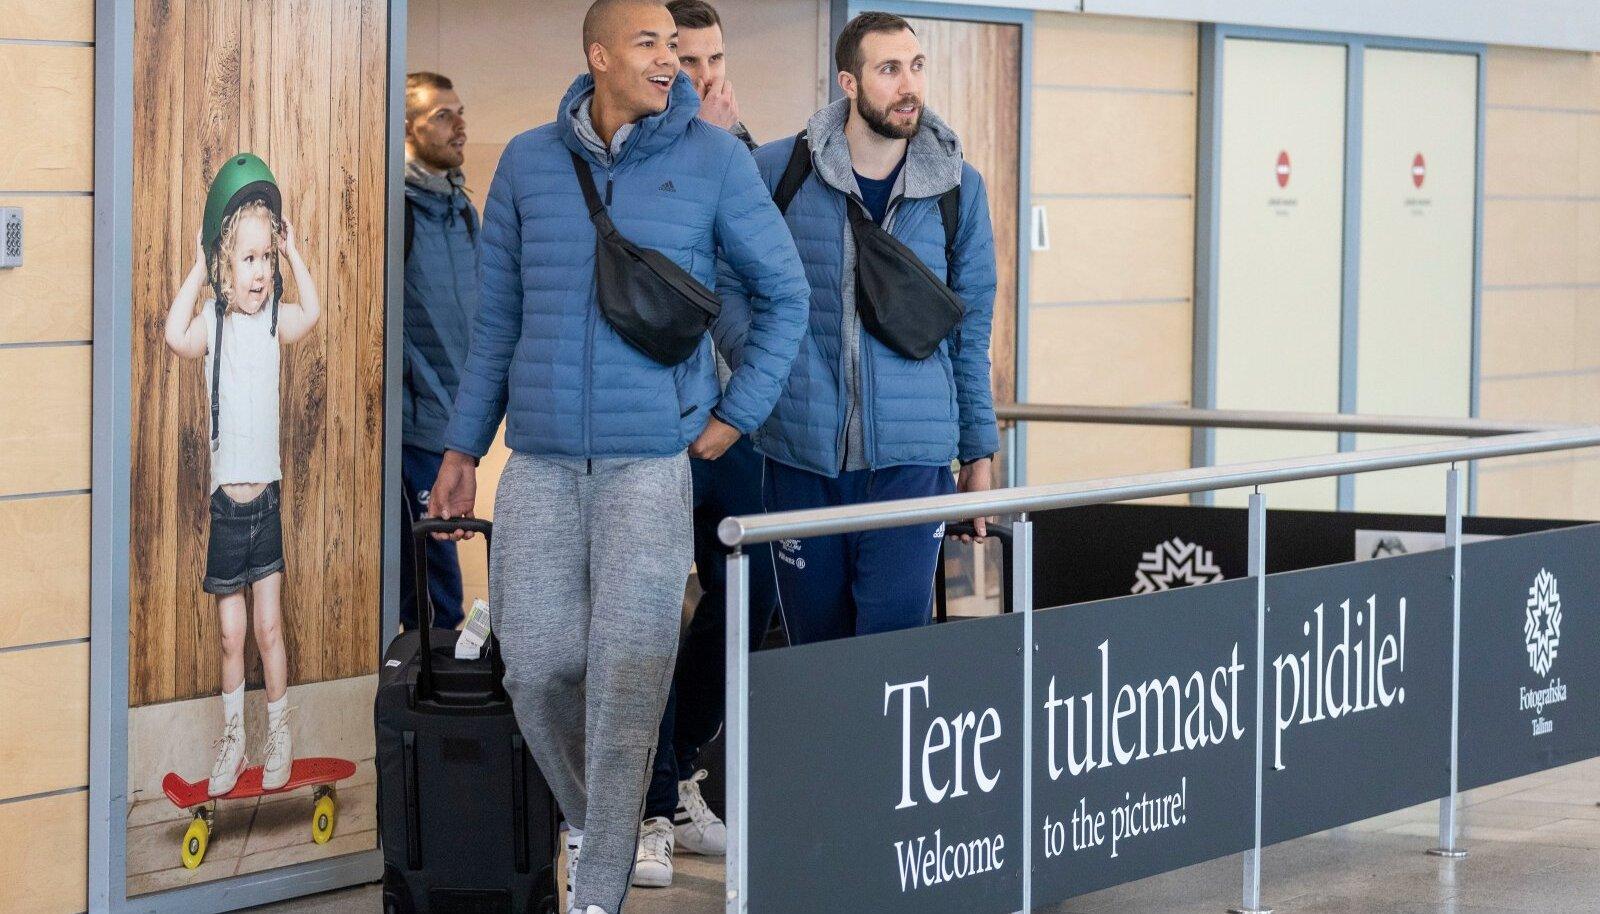 Milano Powervolley võrkpallurid saabusid Eestisse teadmisega, et nad on terved. Neist jäi maha kaks nakatunud saarlast.